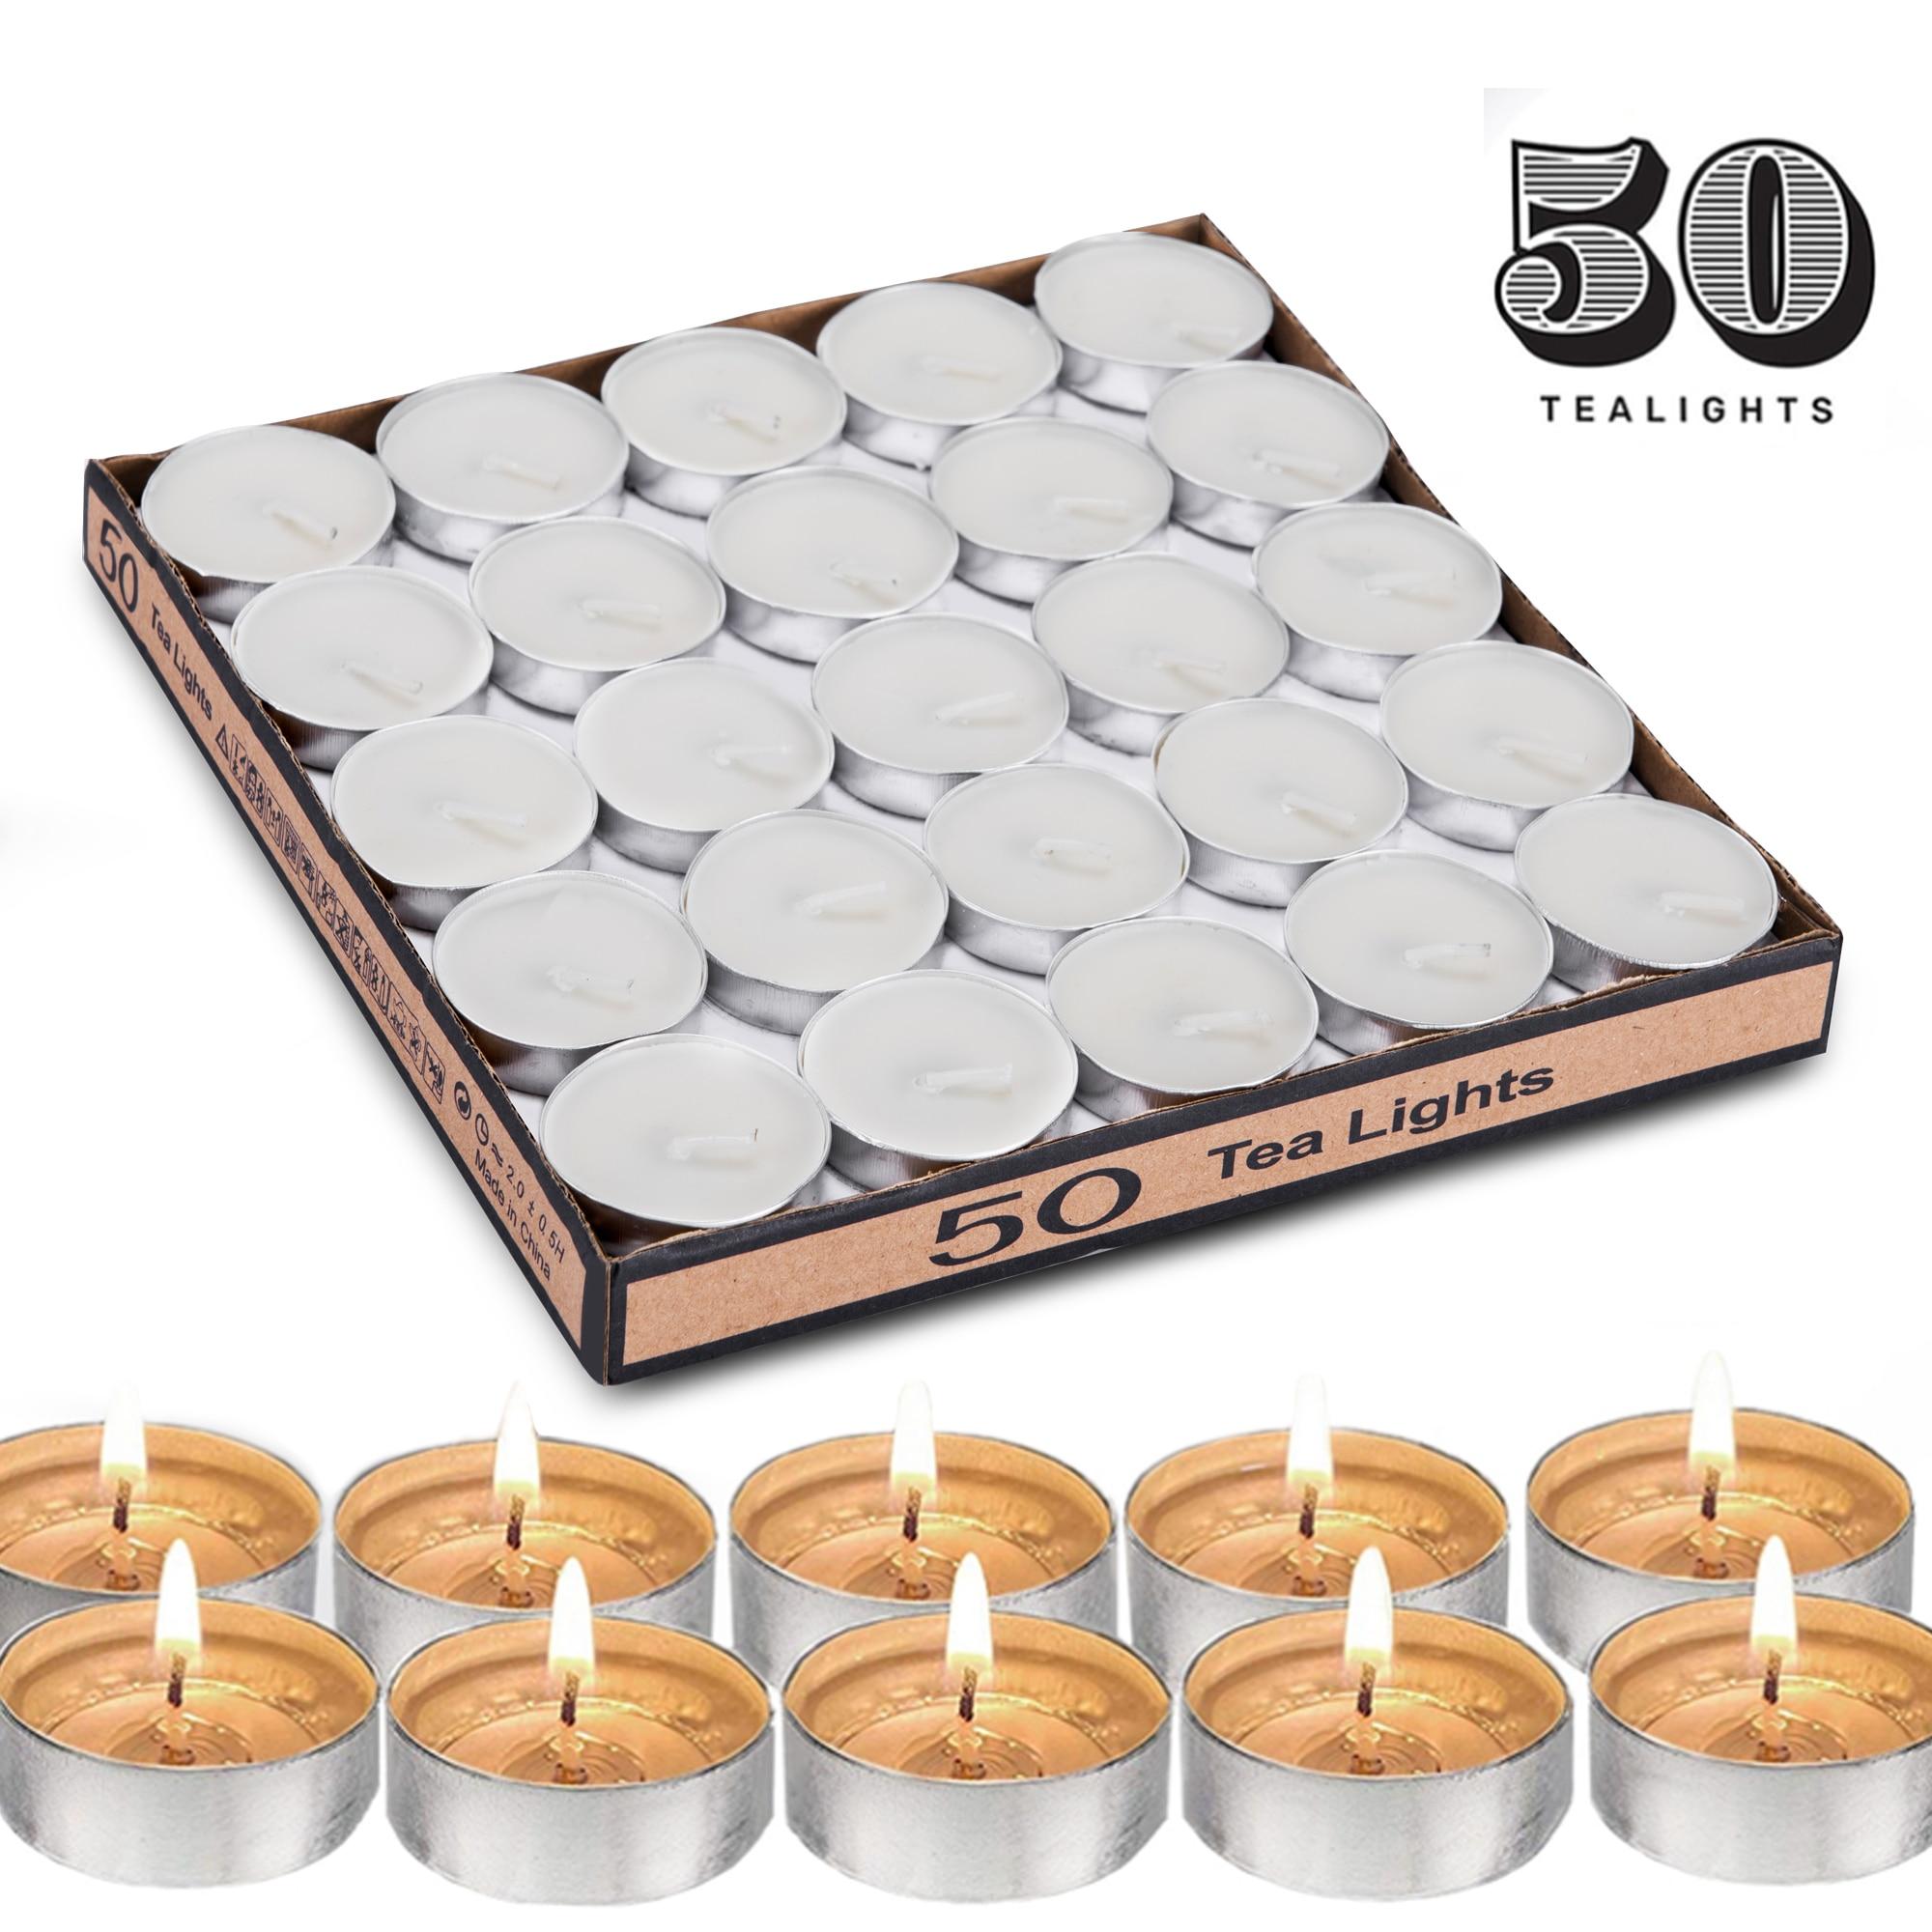 50 Uds velas de luz de té para románticas velas redondas de amor para boda velas para el hogar vela para fiesta decoración del Festival 4 horas tiempo de quemado